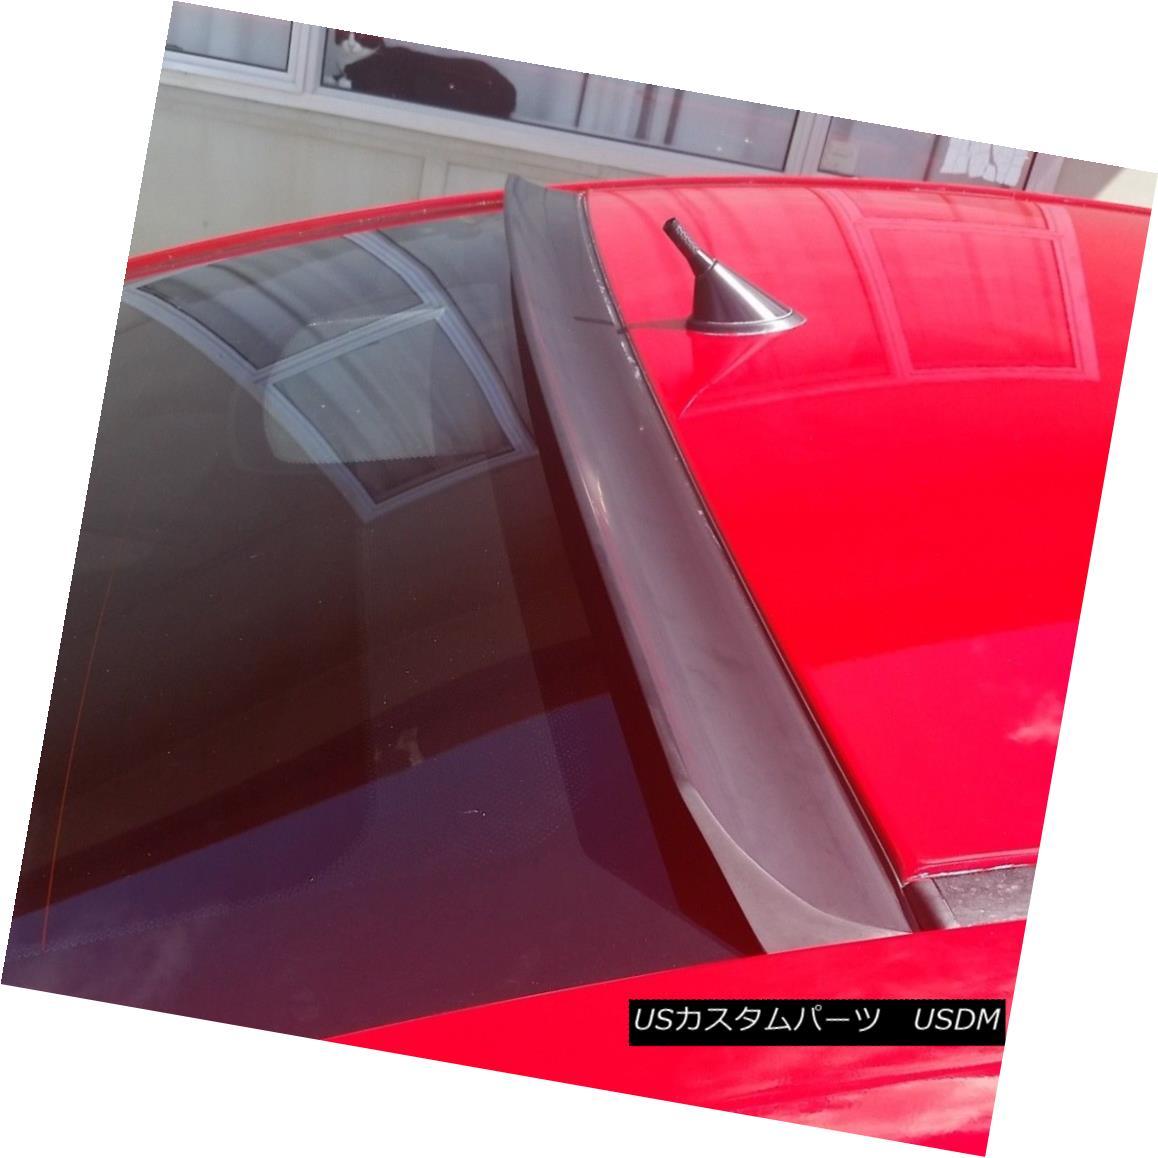 エアロパーツ Flat Black New 284L Rear Roof Spoiler Wing For Mercedes Benz E-class C207 Coupe メルセデスベンツEクラスC207クーペのフラットブラック新284Lリアルーフスポイラーウィング